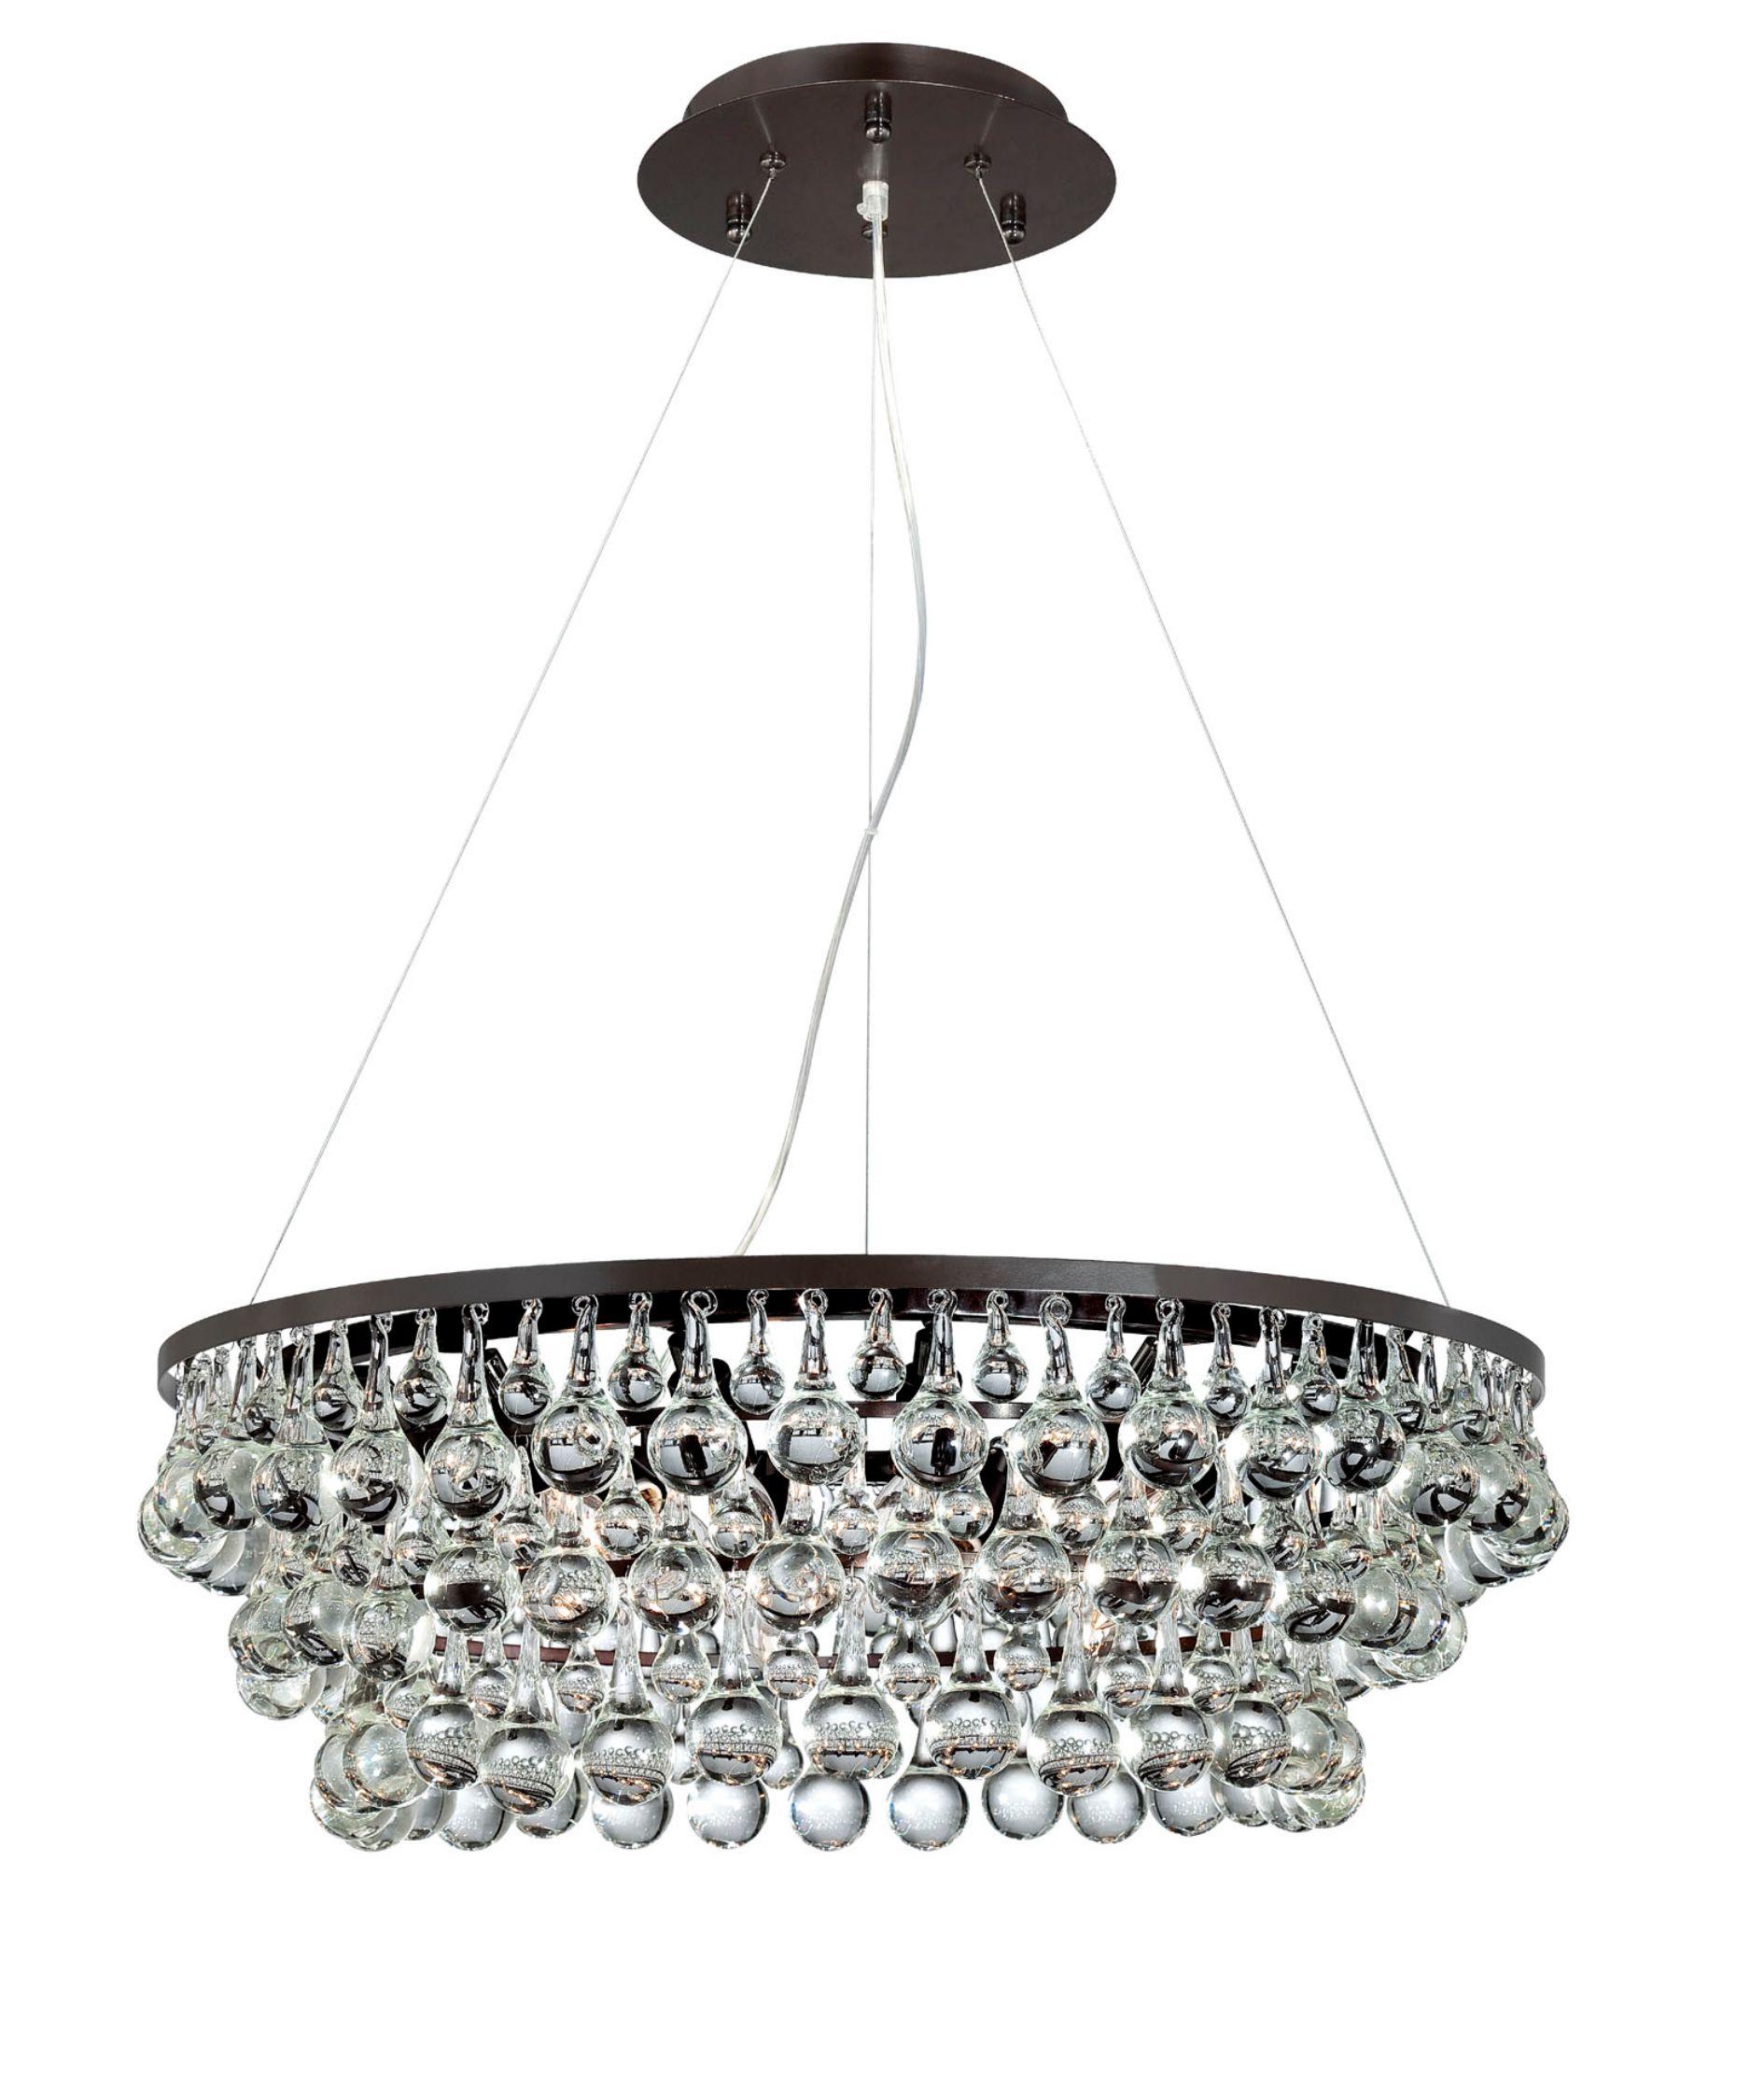 Eurofase lighting 25690 canto 12 light chandelier capitol lighting eurofase lighting 25690 canto 12 light chandelier capitol lighting 1 800lighting arubaitofo Images